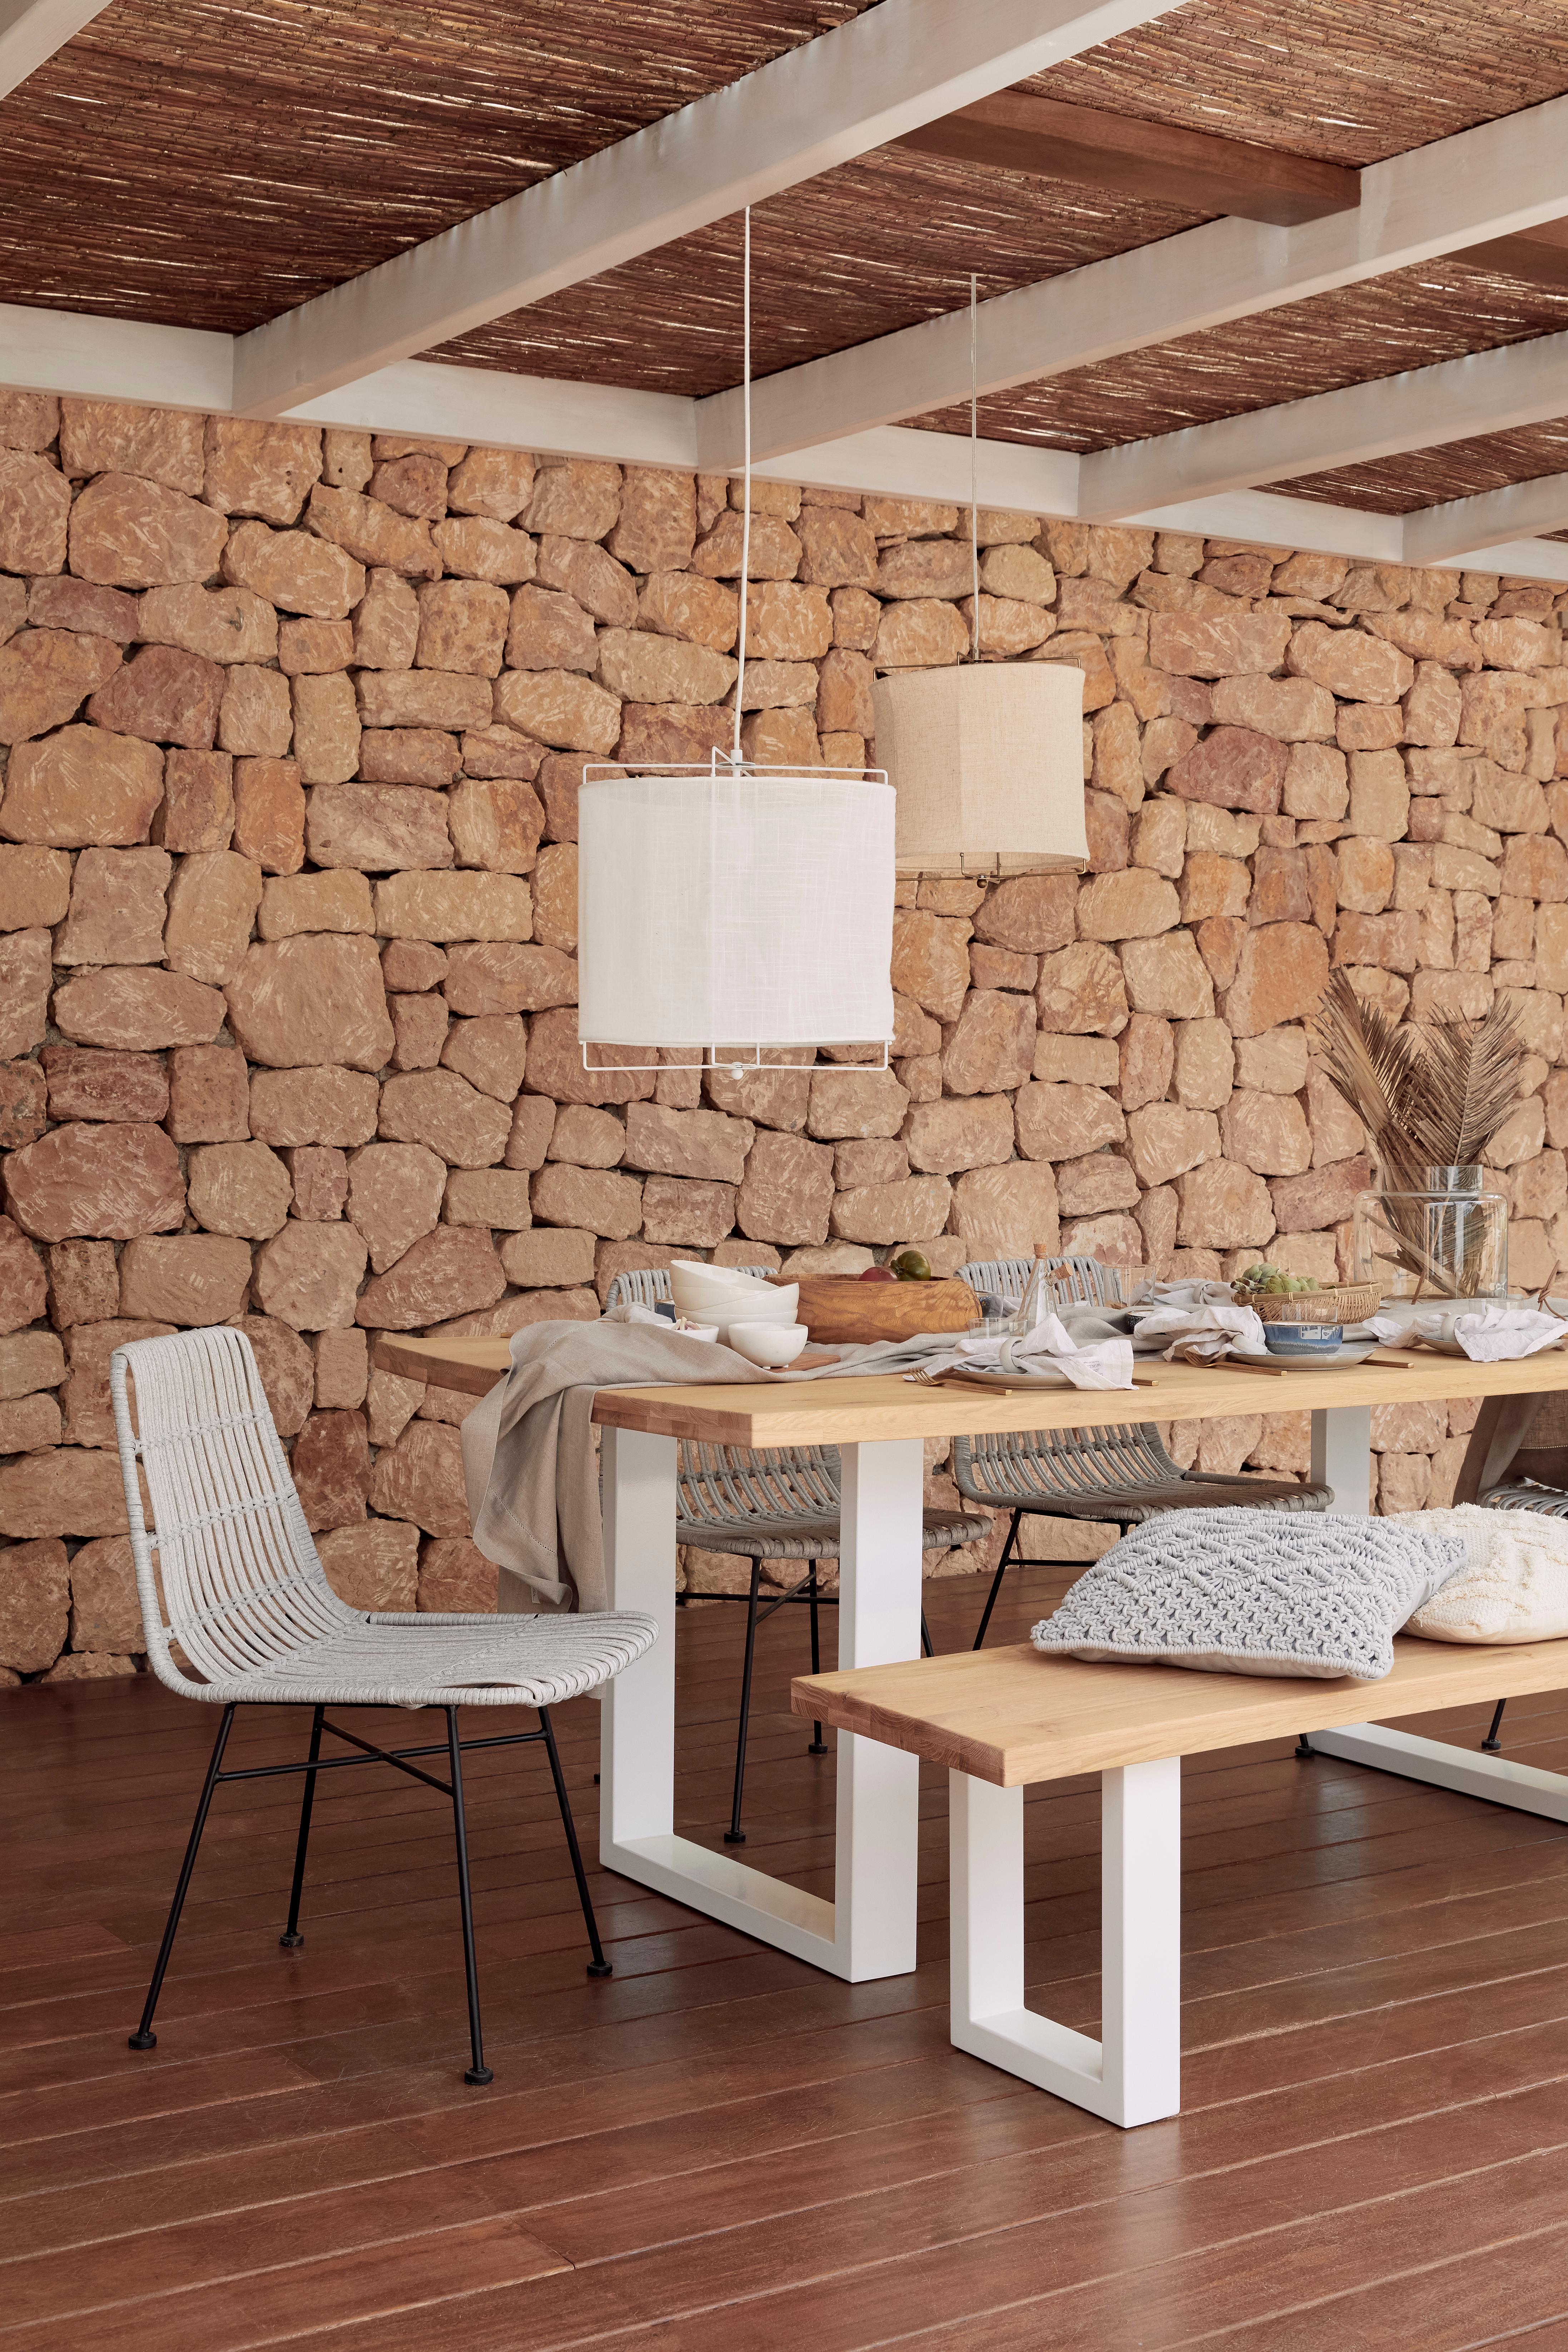 Porche con mesa y banco de madera y sillas de mimbre